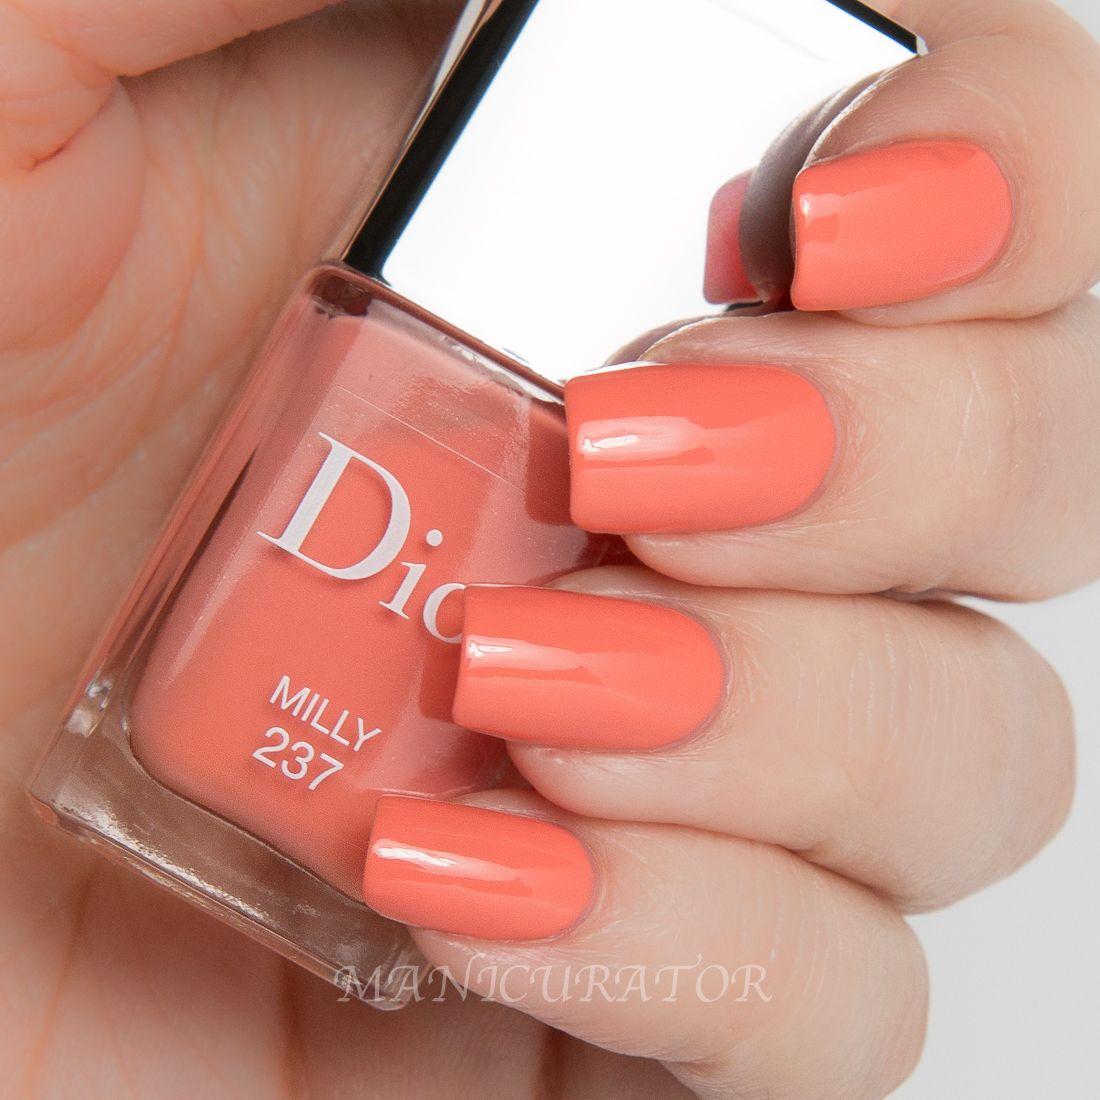 Dior-Gel-Milly-237-Swatch   Adornments   Pinterest   Swatch, Dior ...